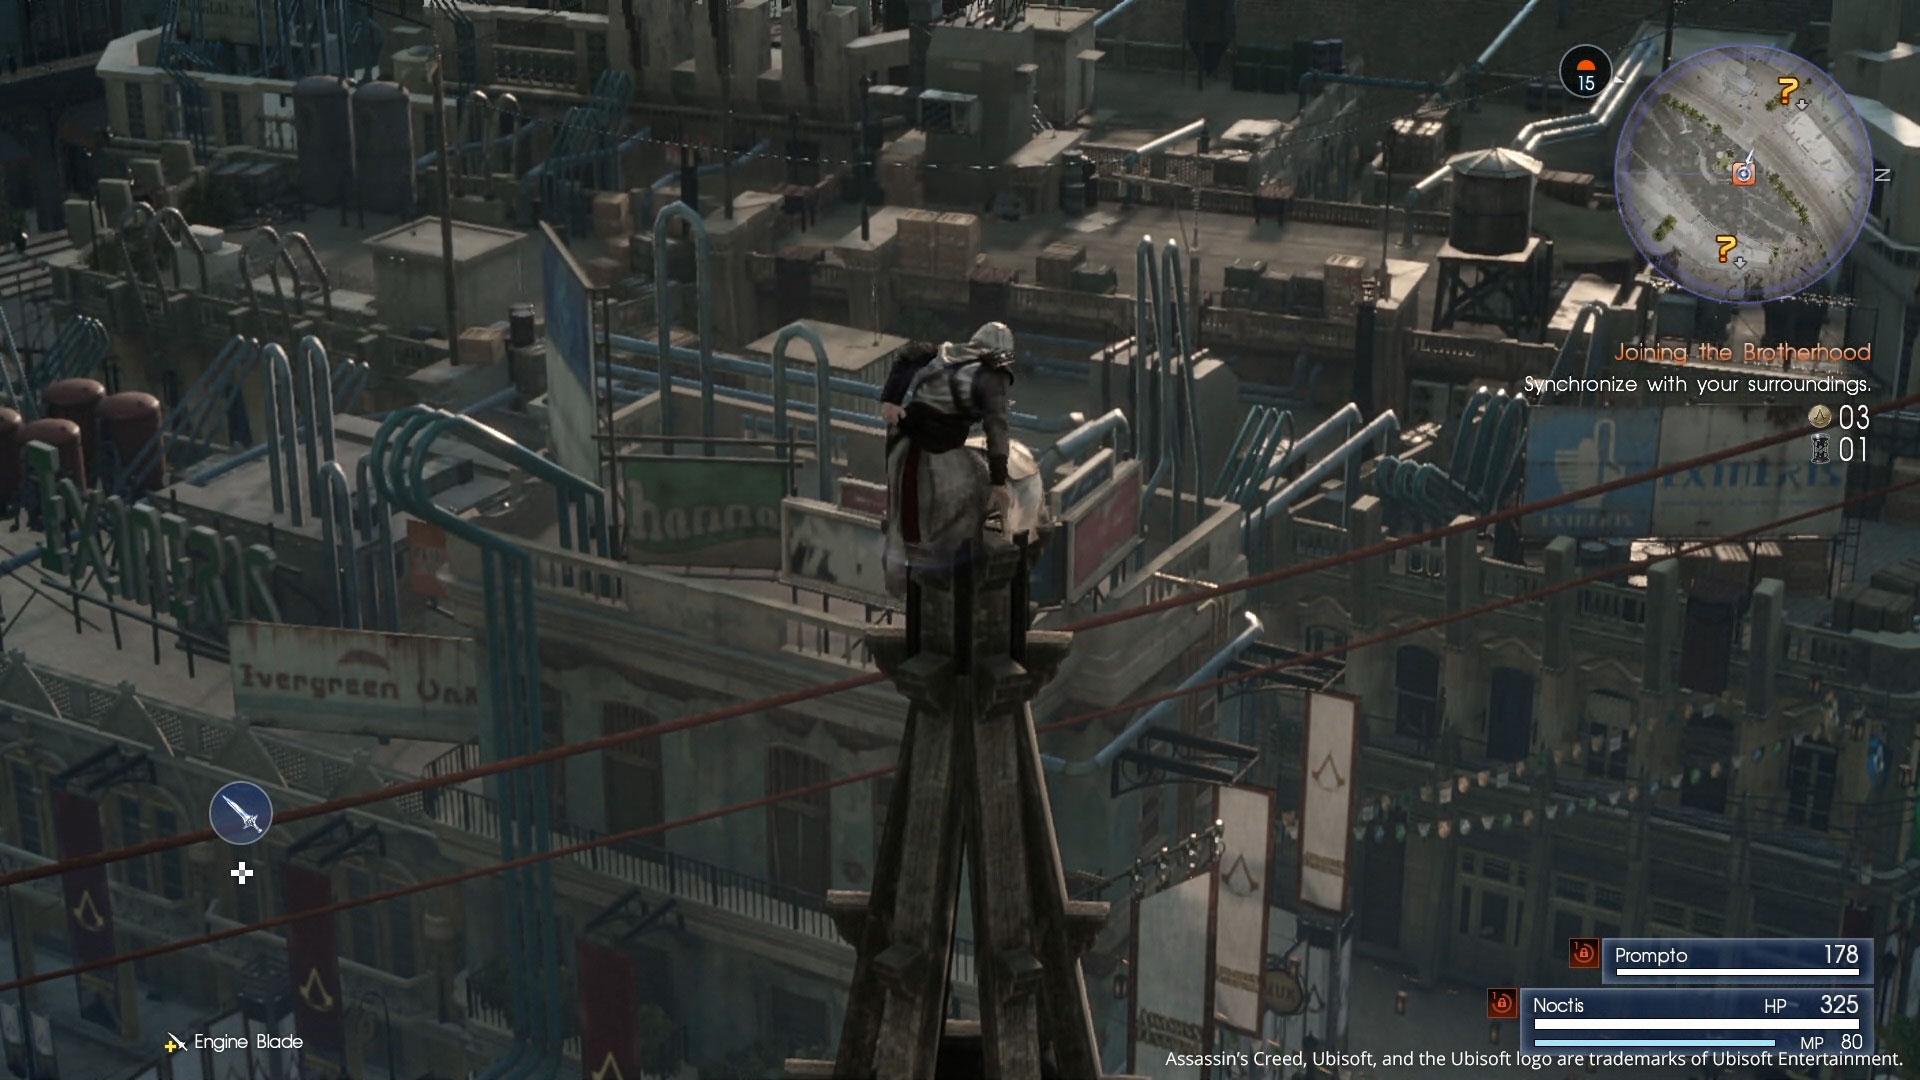 「アサシンズ・フェスティバル」では「アサシン クリード」シリーズ最大の特徴である「フリーランニング」に似た操作感が体験できる。  高所からのジャンプや、壁を登り